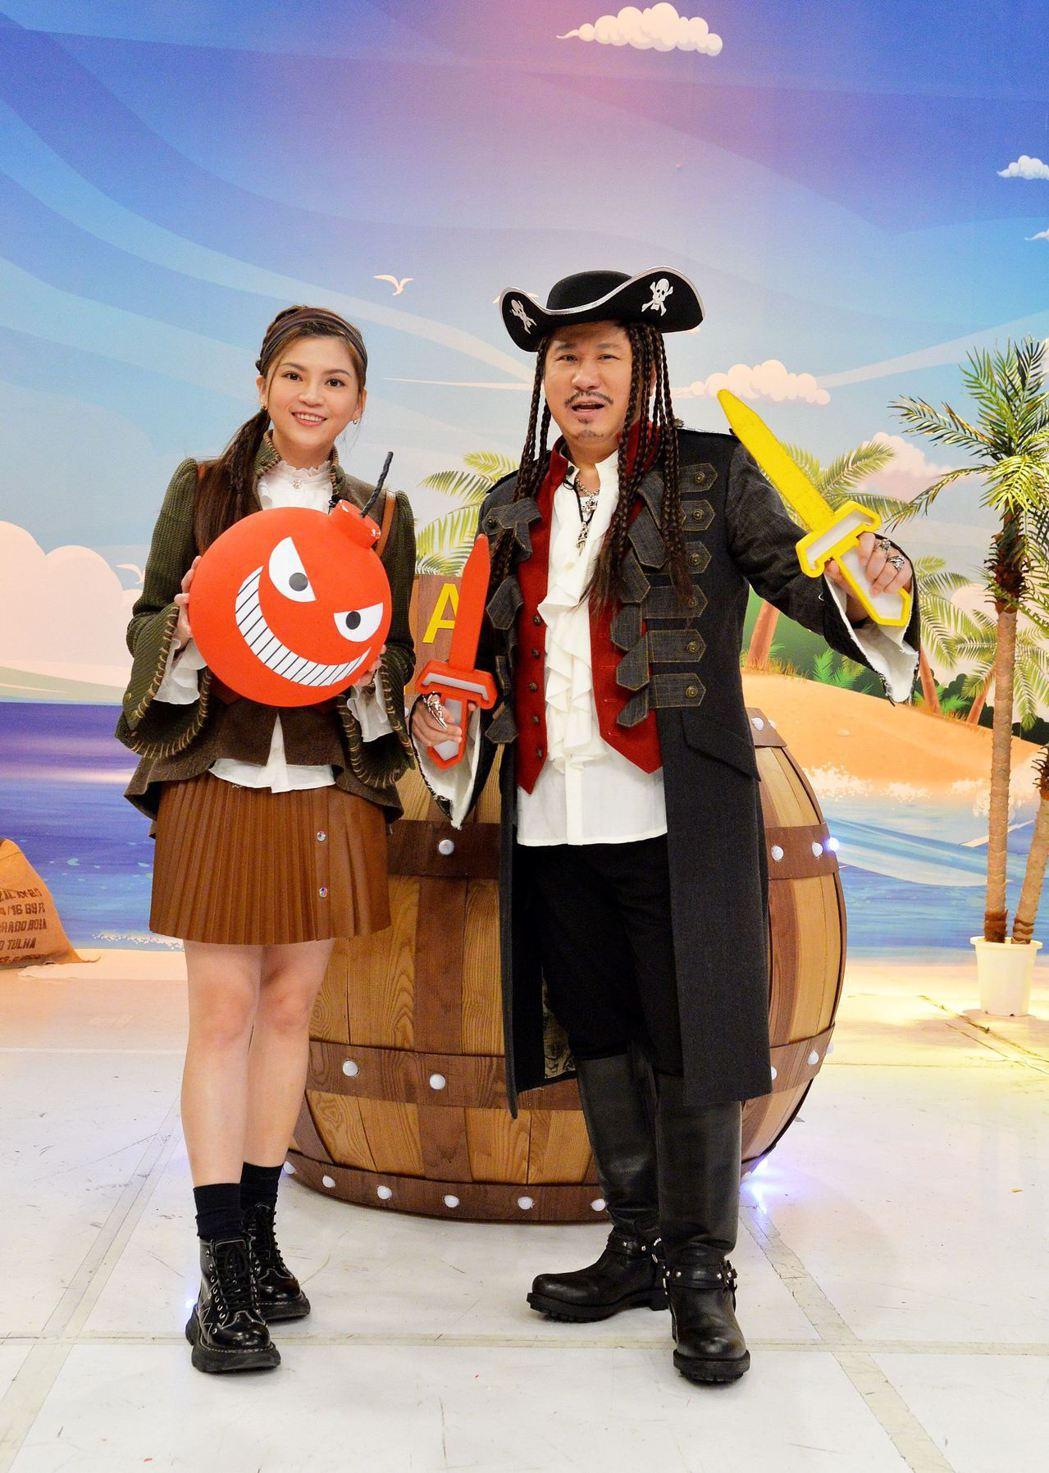 衛視「歡樂智多星 決戰海盜桶」,主持人胡瓜(右)和瑪莉亞。圖/衛視提供